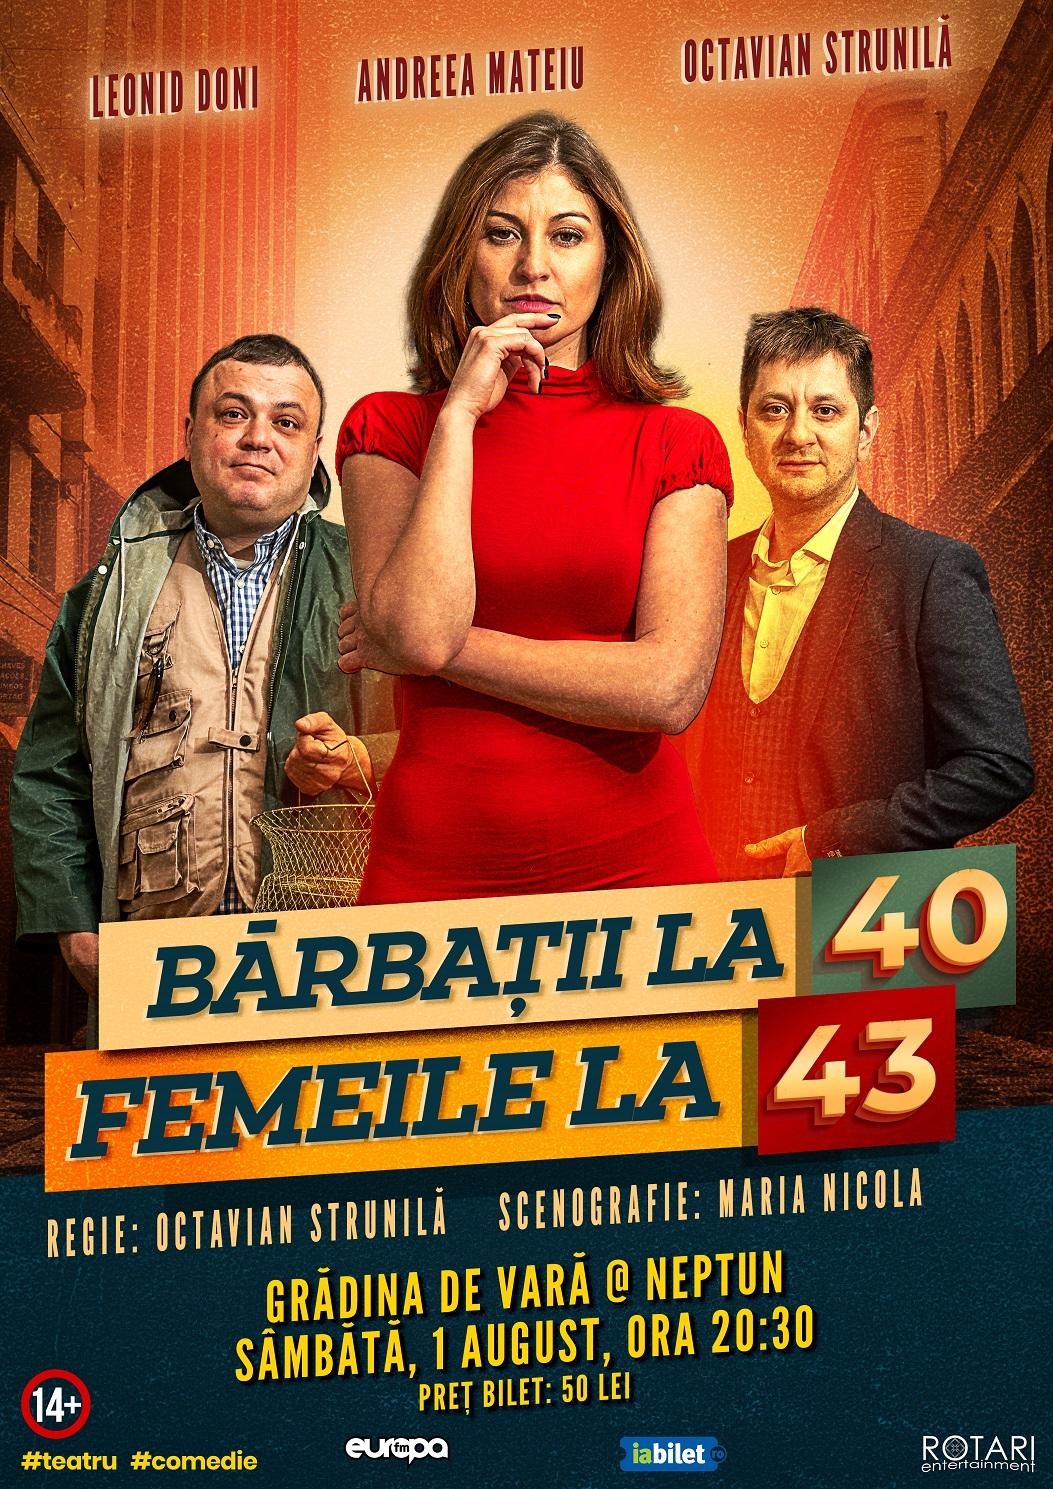 Bărbații la 40, Femeile la 43 în regia lui Octavian Strunilă, cu Leonid Doni, Andreea Mateiu și Octavian Strunilă, la Grădina de Vară din Neptun